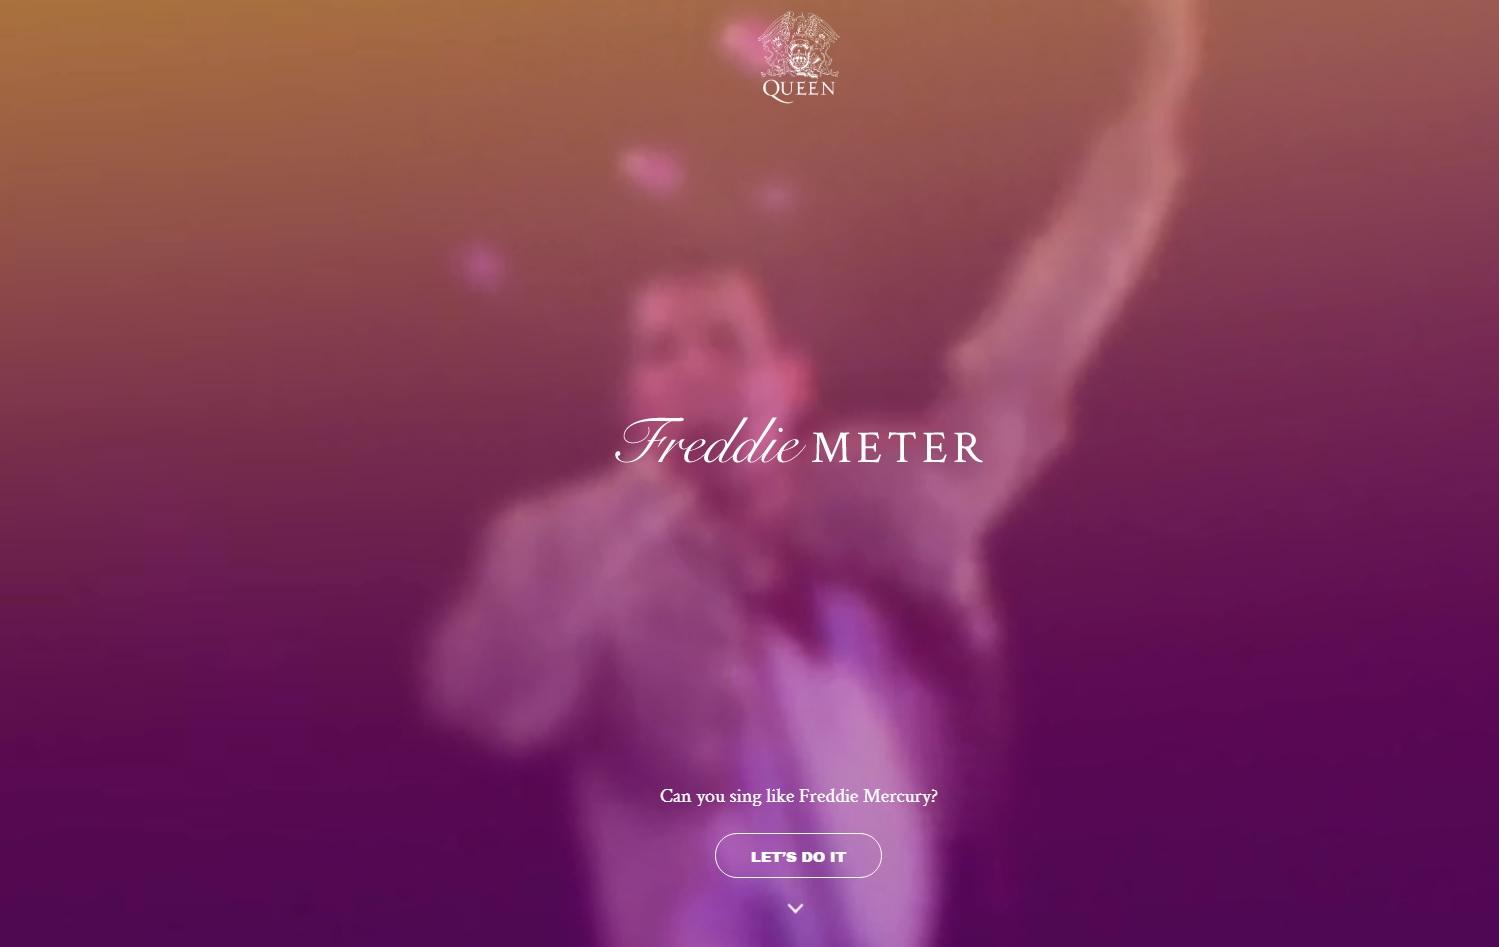 Google запустил сервис, где нейросеть оценивает вокал пользователя и сравнивает с Фредди Меркьюри - 1